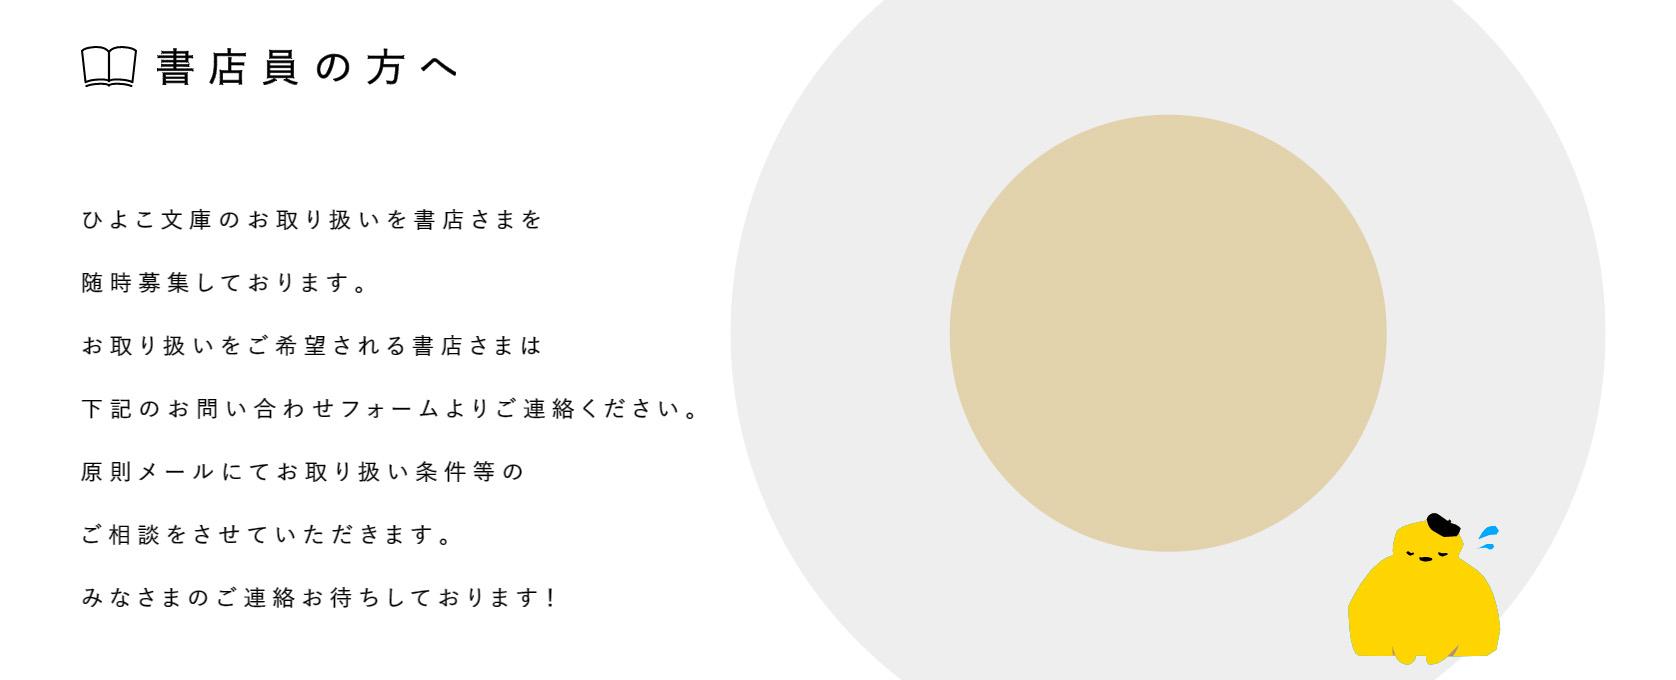 210517-hiyoko-bunko4.jpg